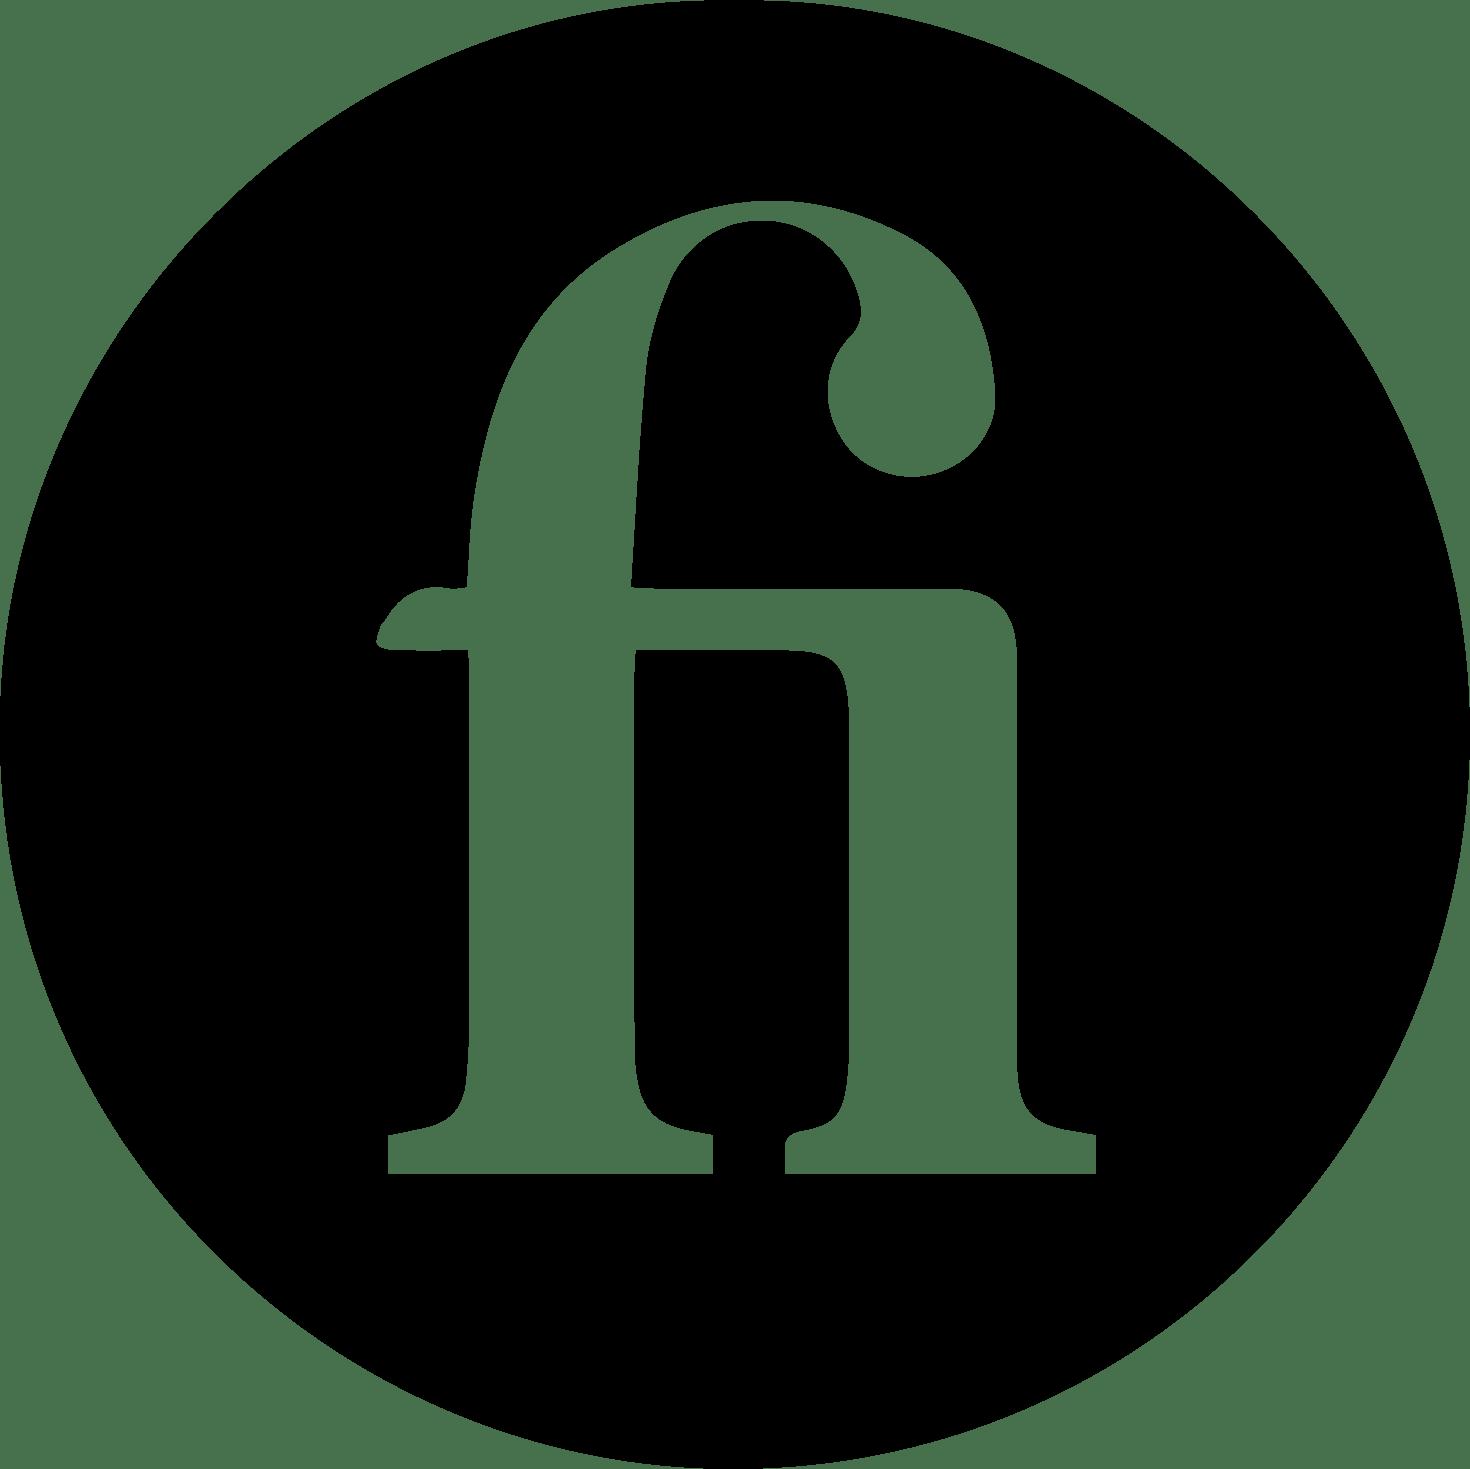 Merki Fatahönnunarfélags Íslands